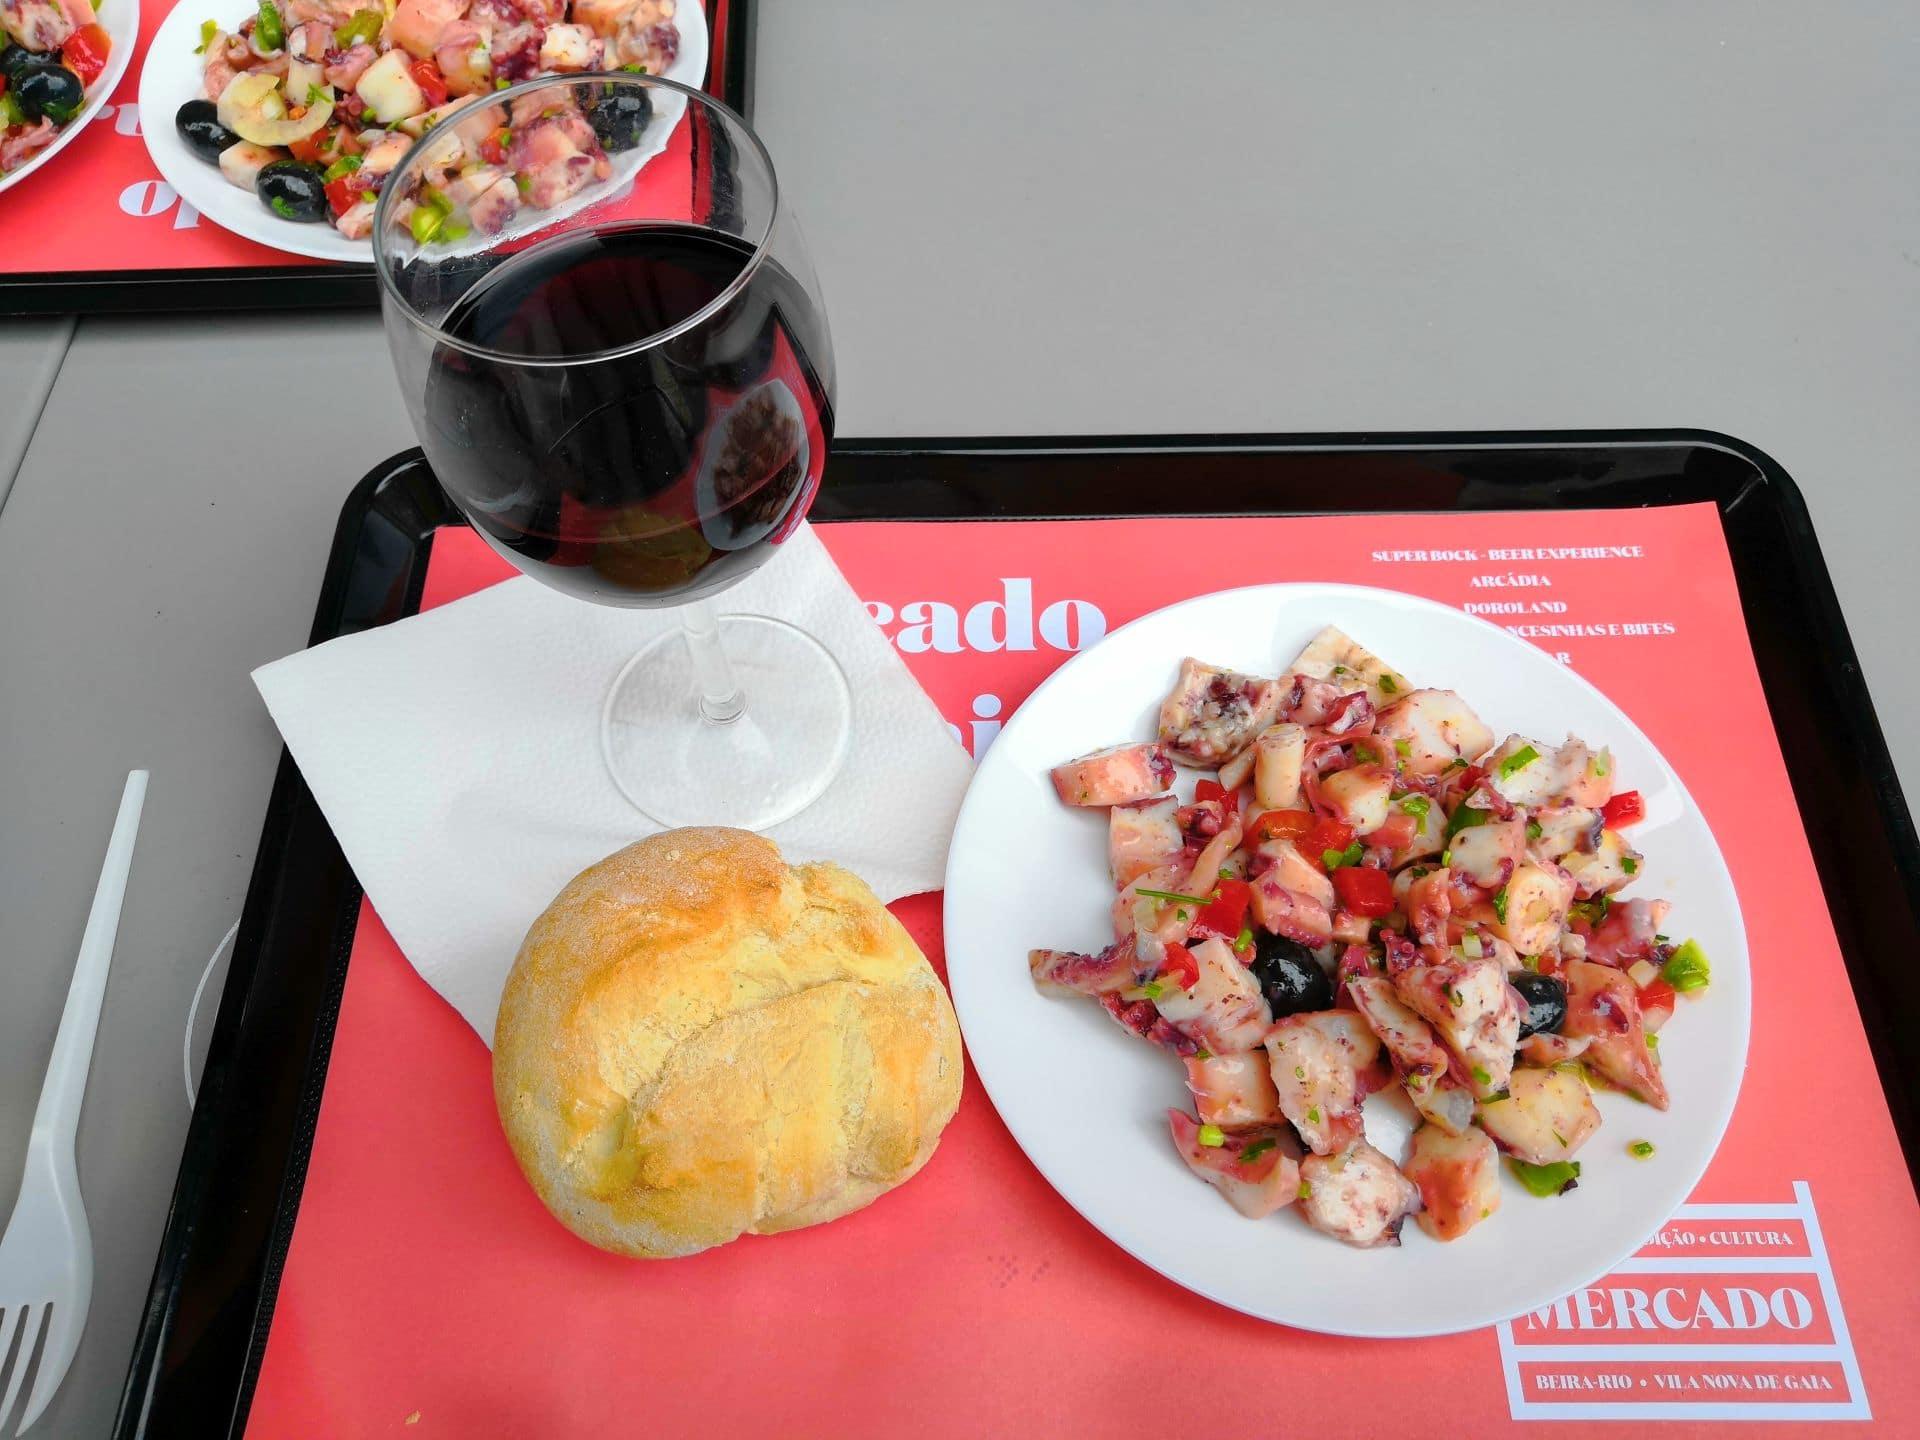 U mě padla volba na salátek z chobotnice. Exotická dobrota, co doma nejídám.